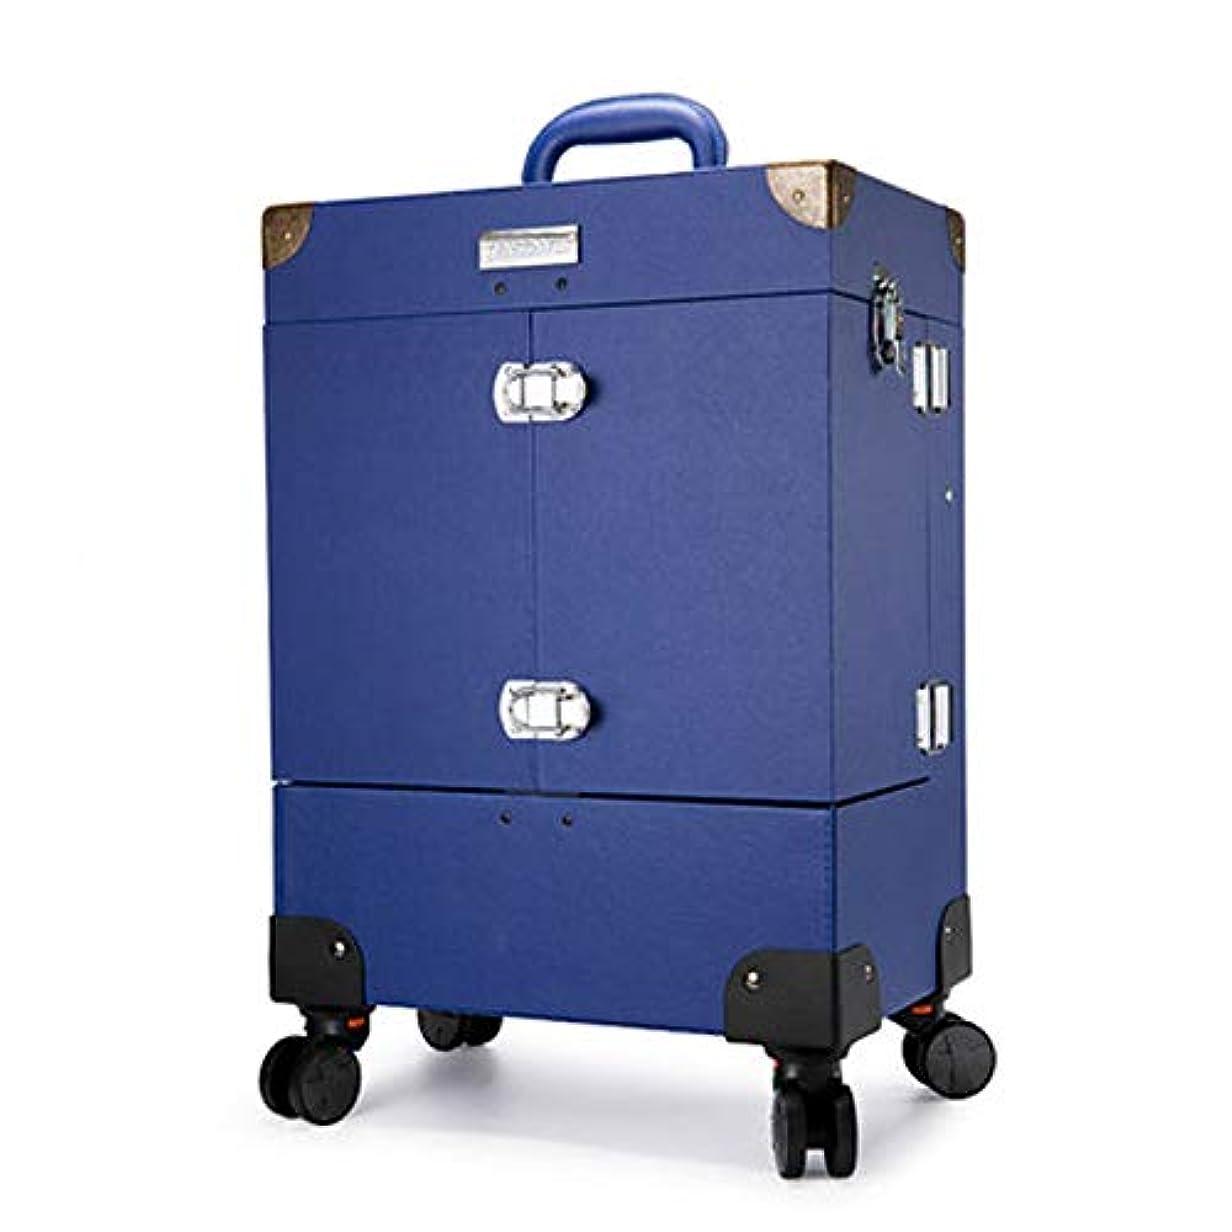 遷移西部オセアニアプロ専用 ネイリスト クローゼット スーツケース ネイル収納 メイクボックス キャリーバッグ ヘアメイク ネイル 大容量 軽量 高品質 多機能 プロ I-JL-3505T-BL